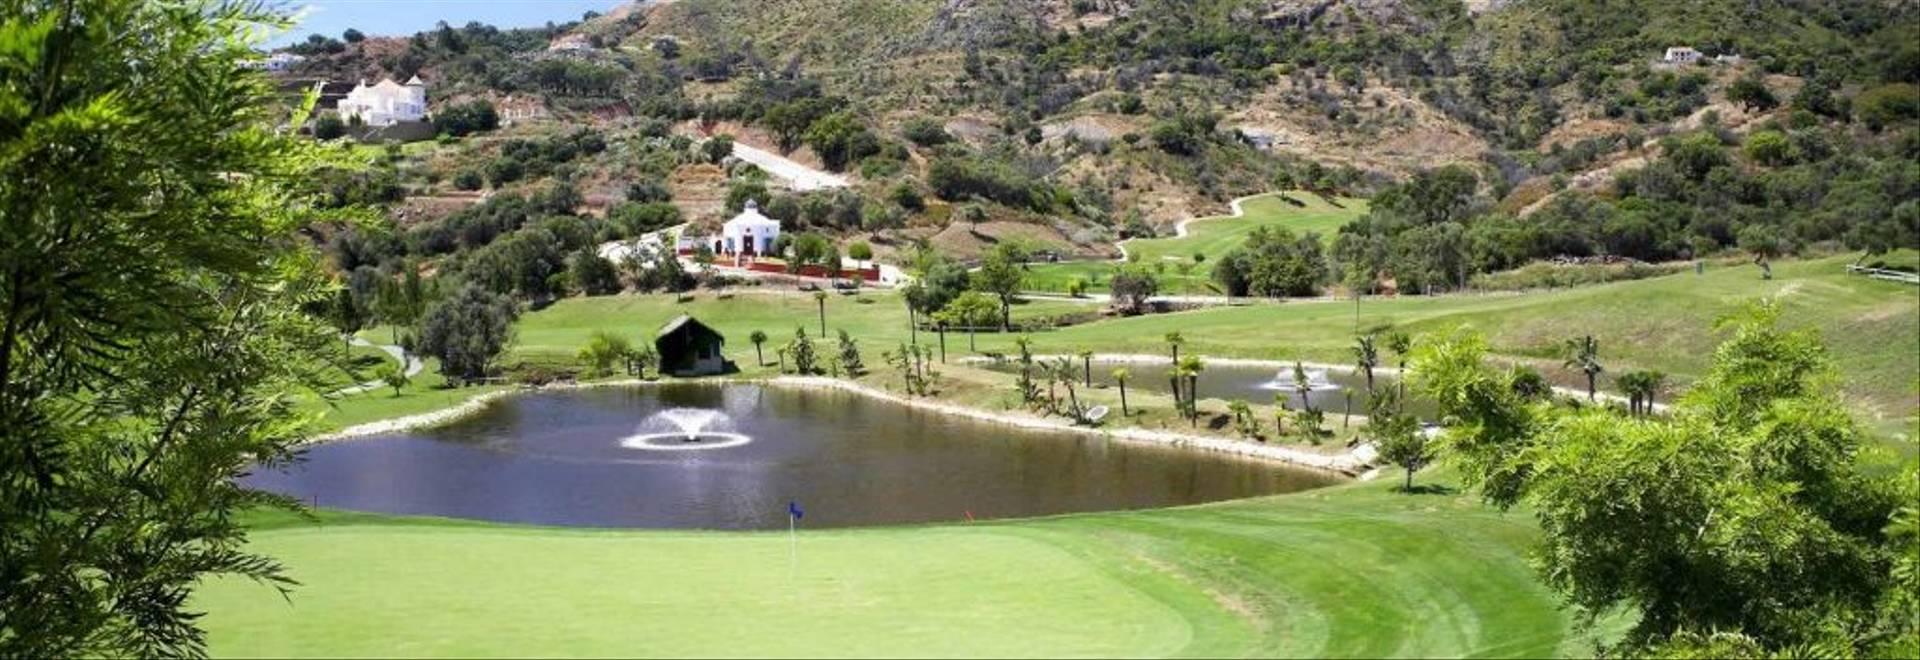 Marbella-Club-Golf-Course.jpg